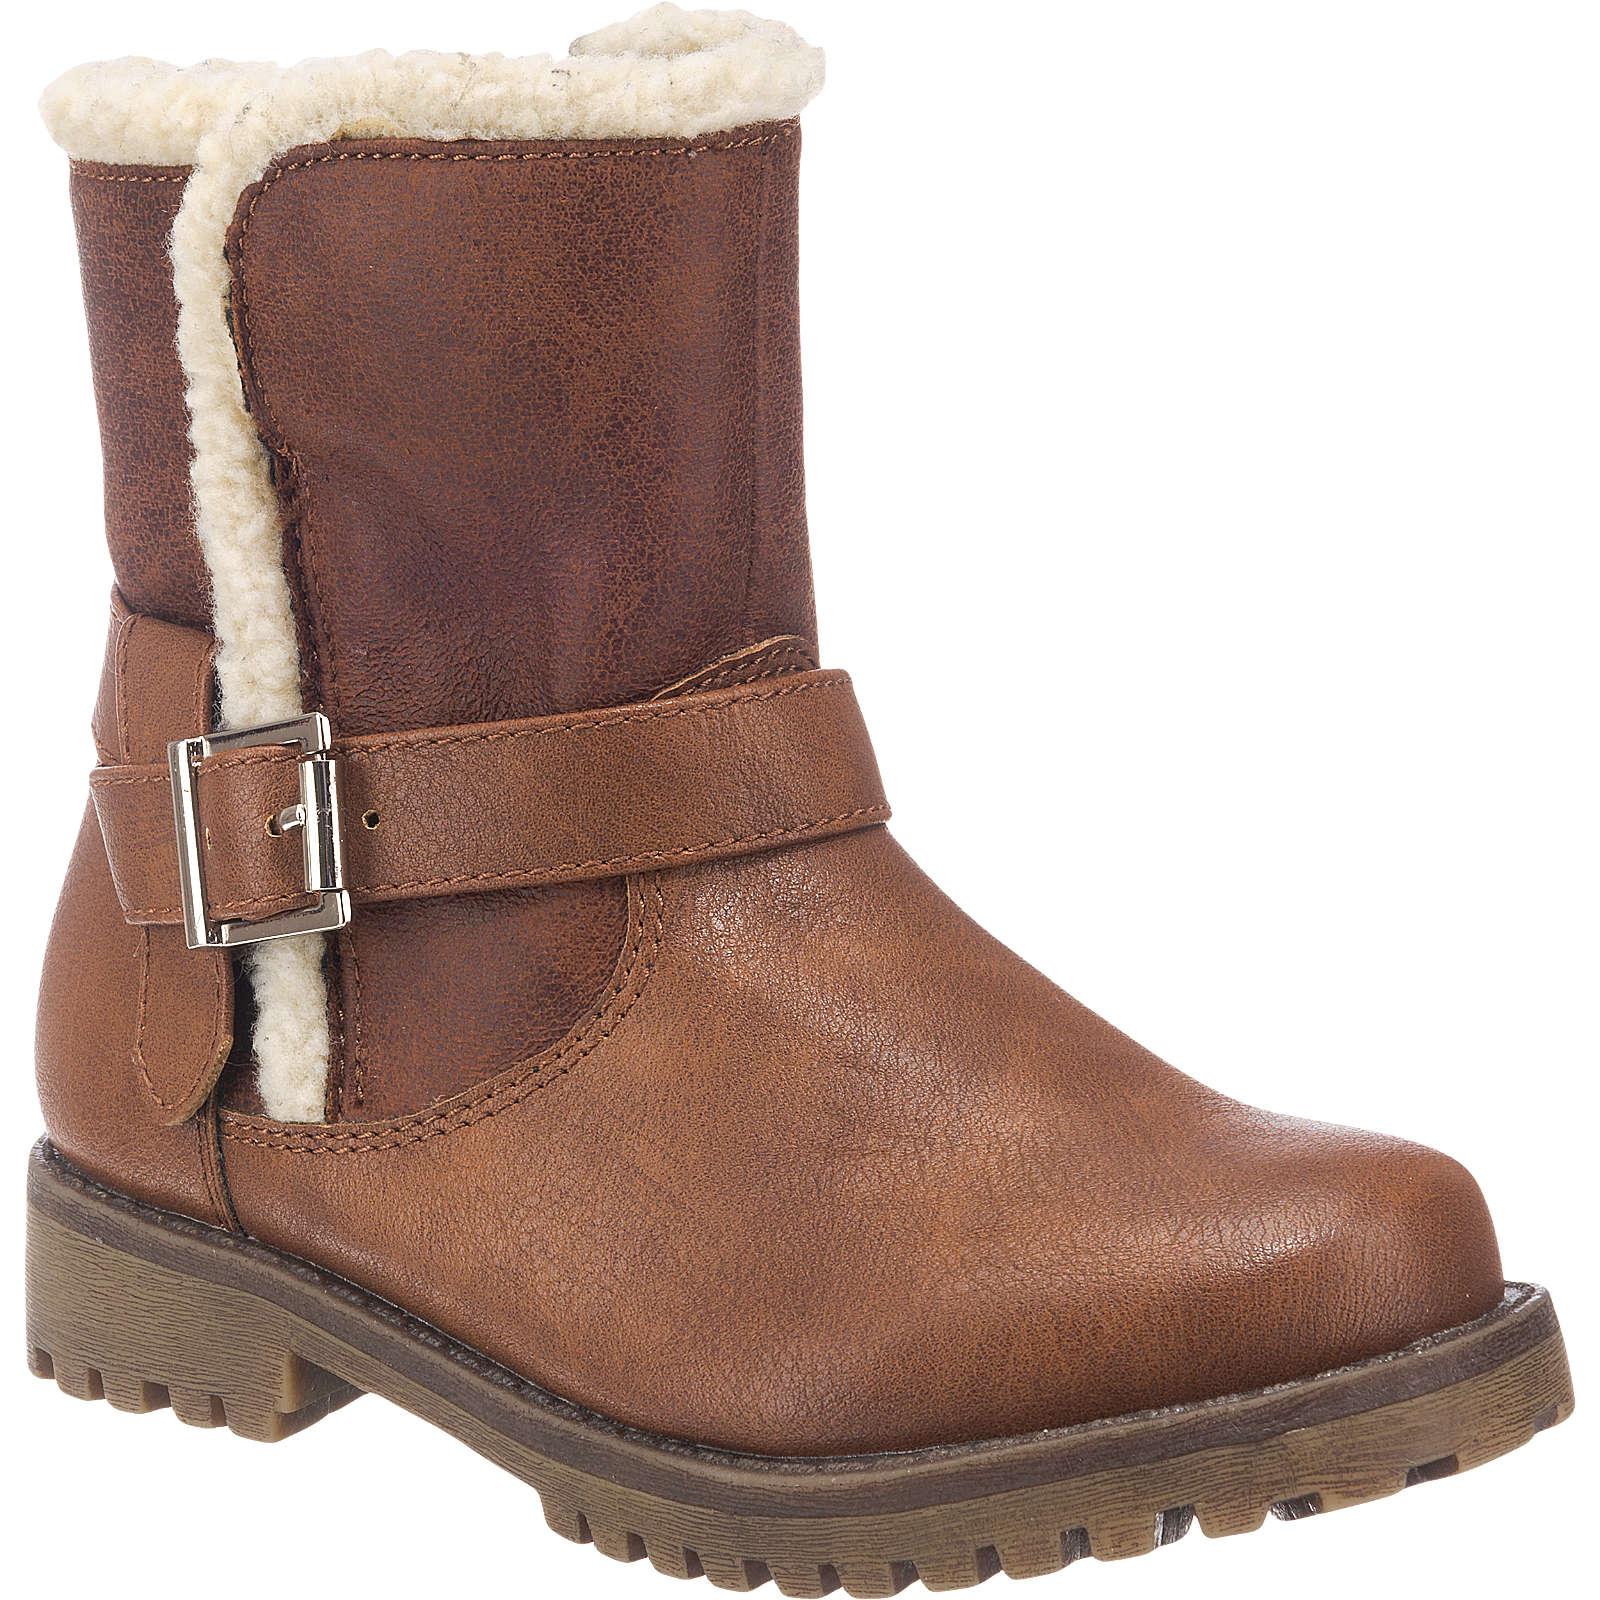 SPROX Stiefel für Mädchen, gefüttert braun Mädchen Gr. 28